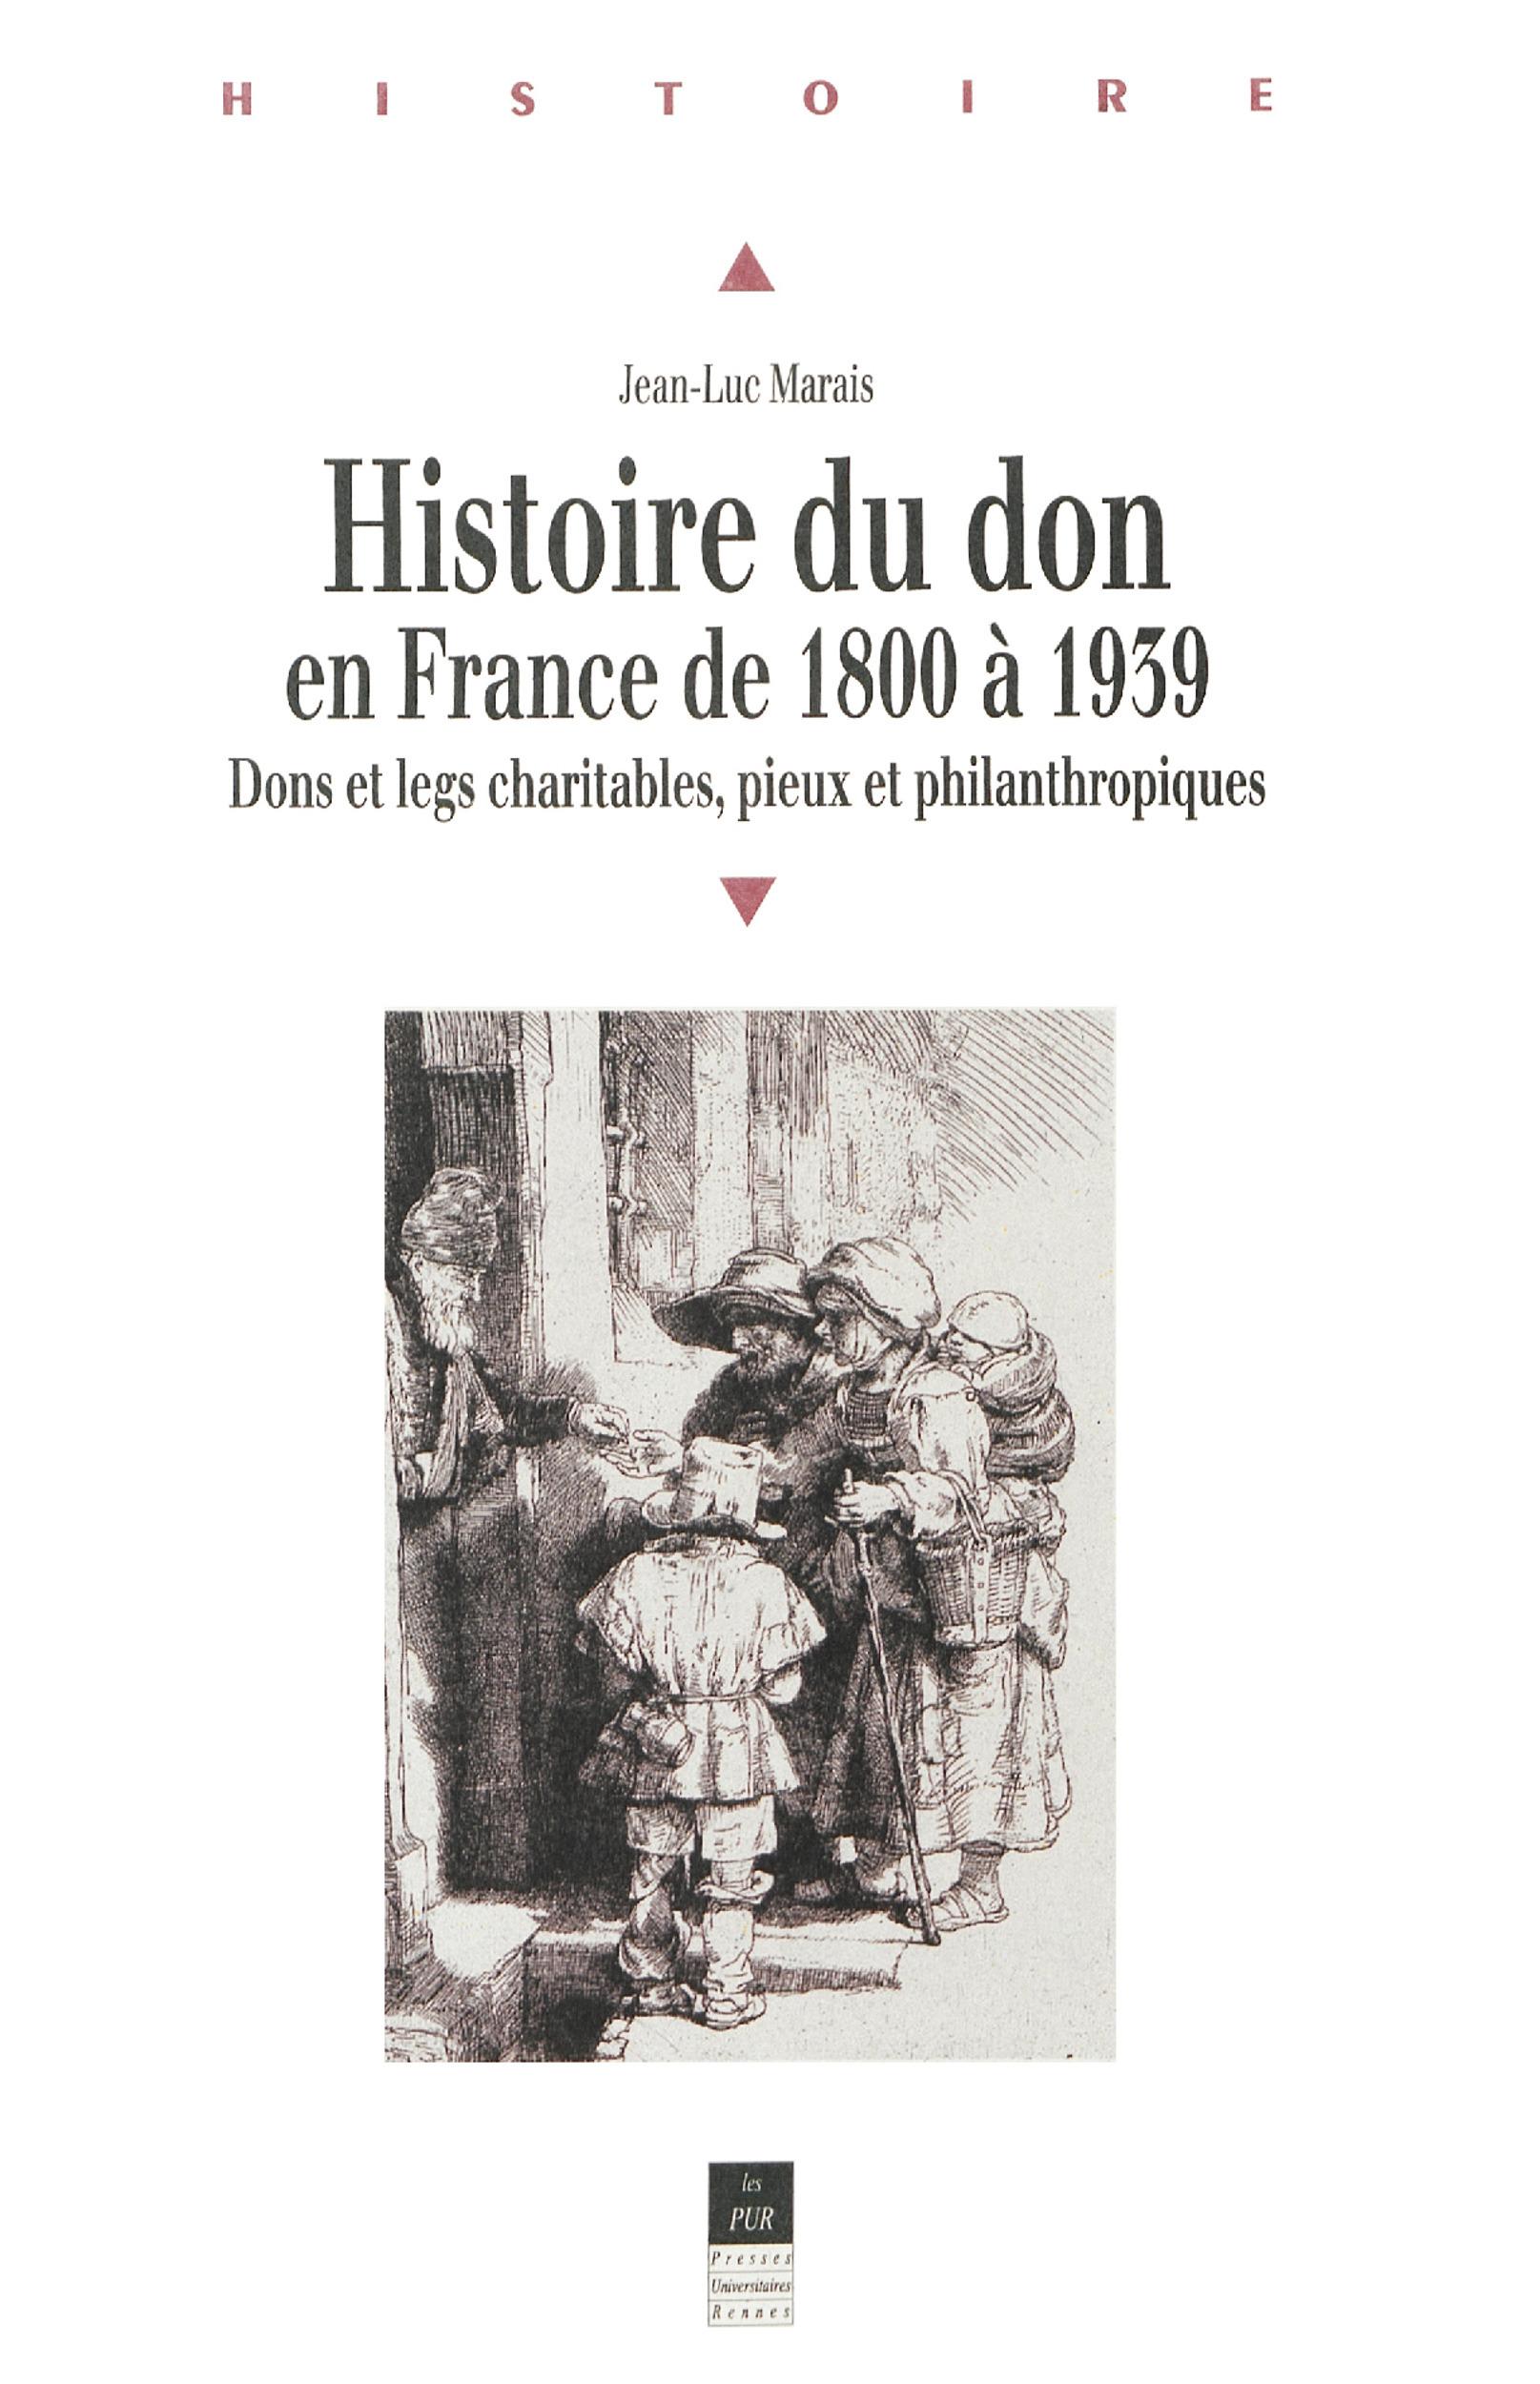 Histoire du don en france de 1800 a 1939